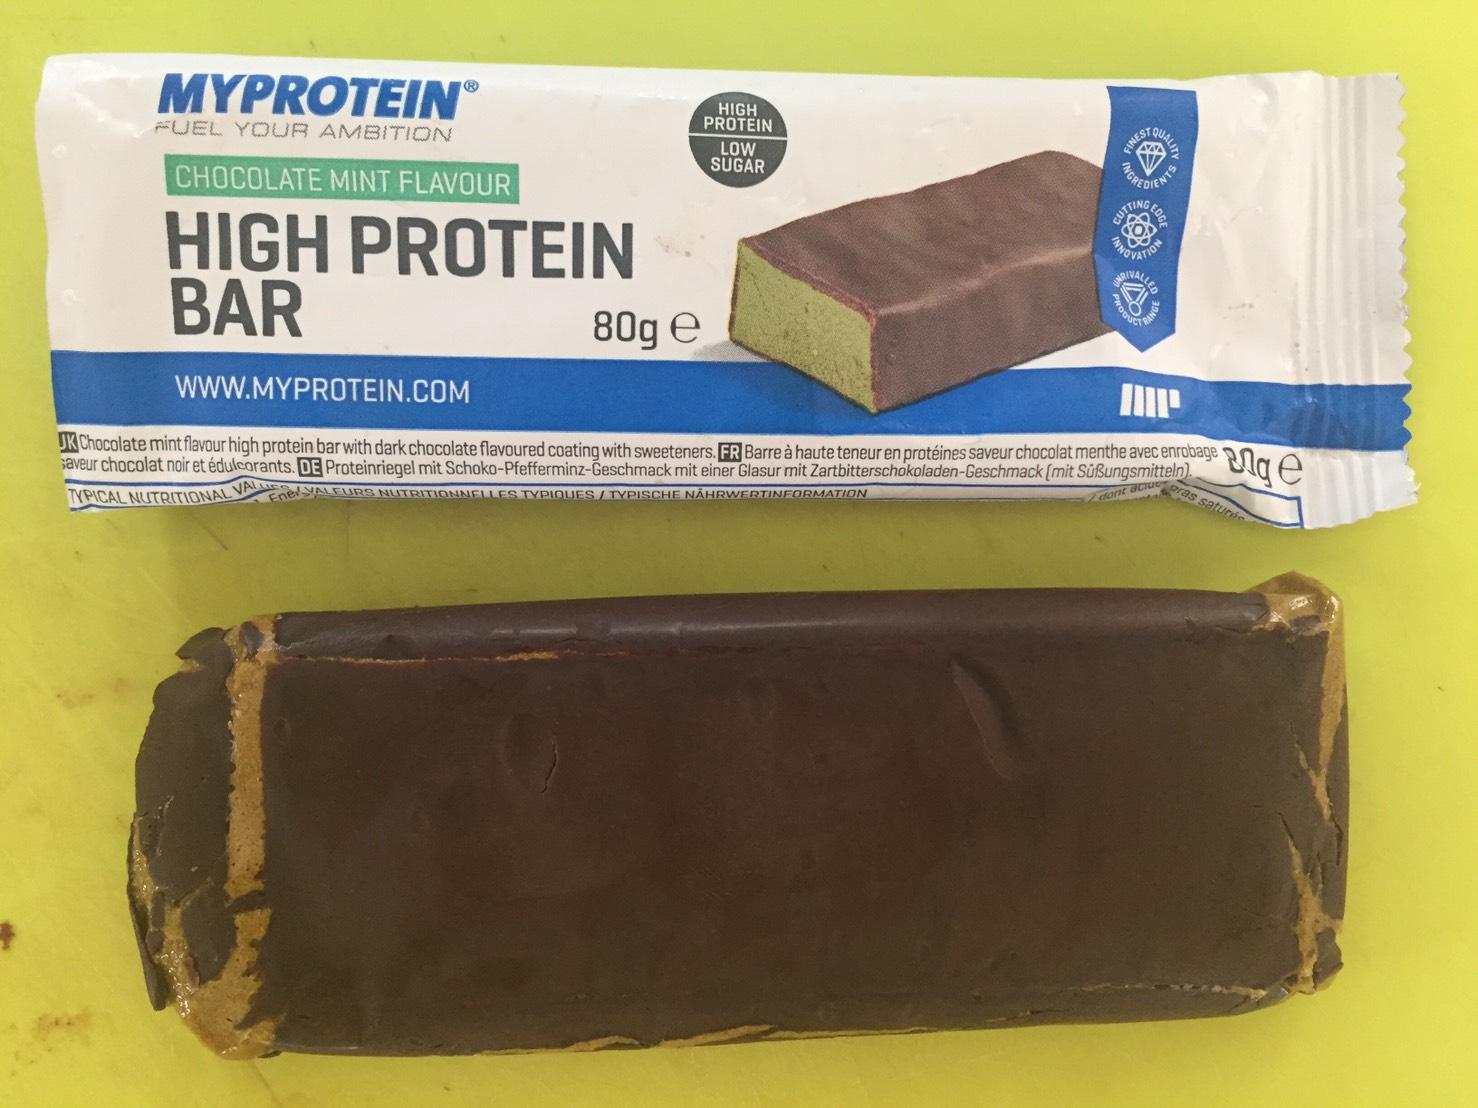 ハイプロテインバー(High Protein Bar)「CHOCOLATE MINT FLAVOUR(チョコミント味)」を開封した様子